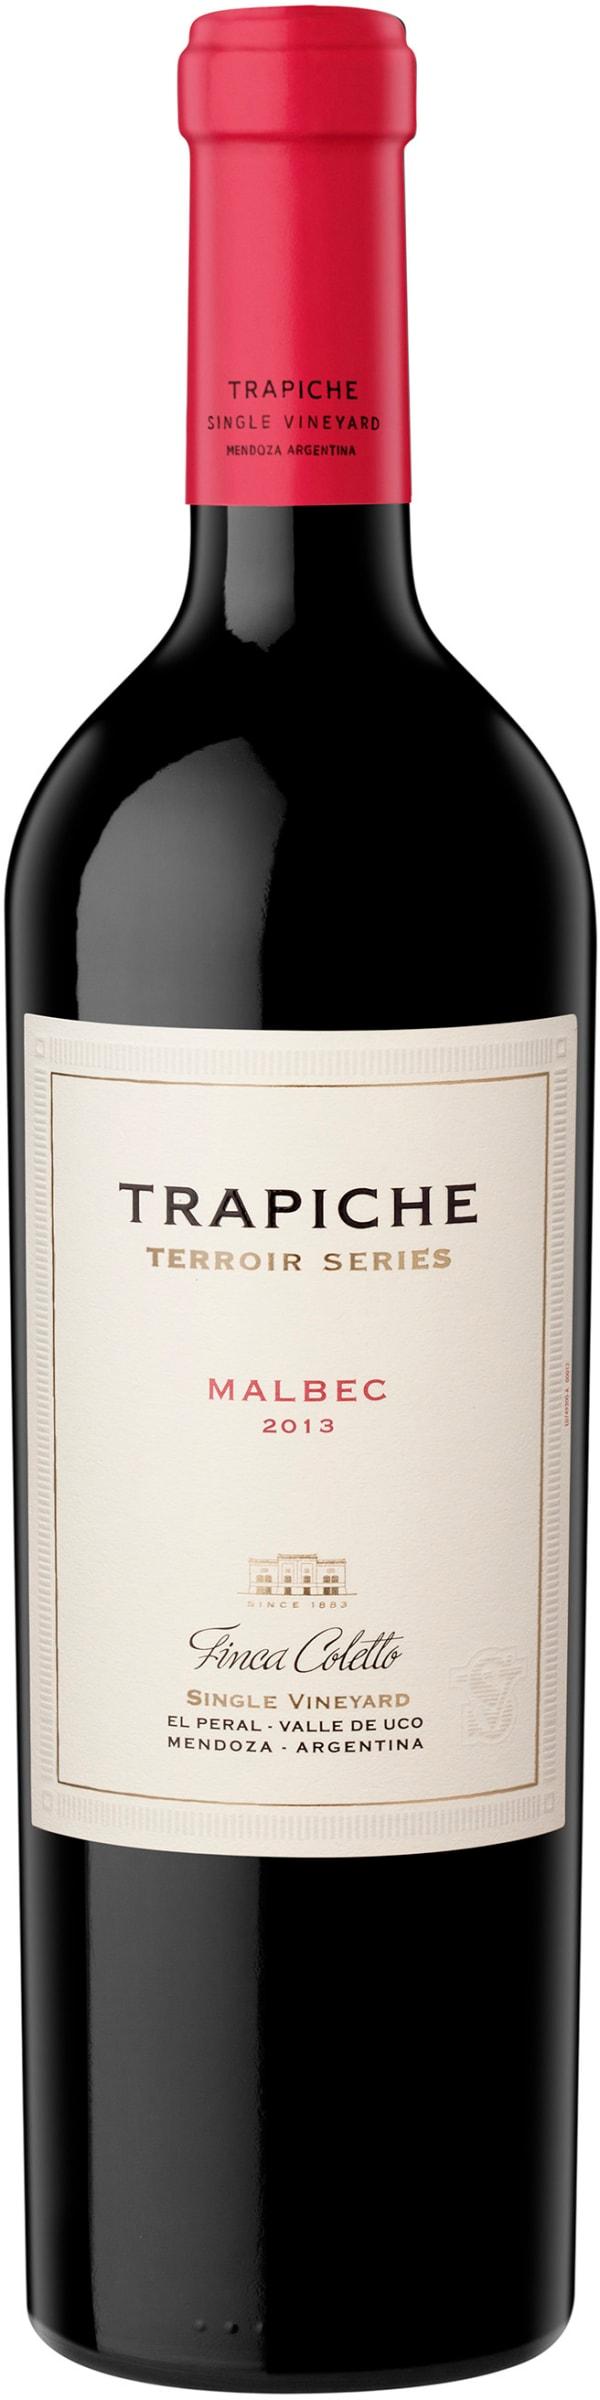 Trapiche Terroir Series Finca Coletto Malbec 2014